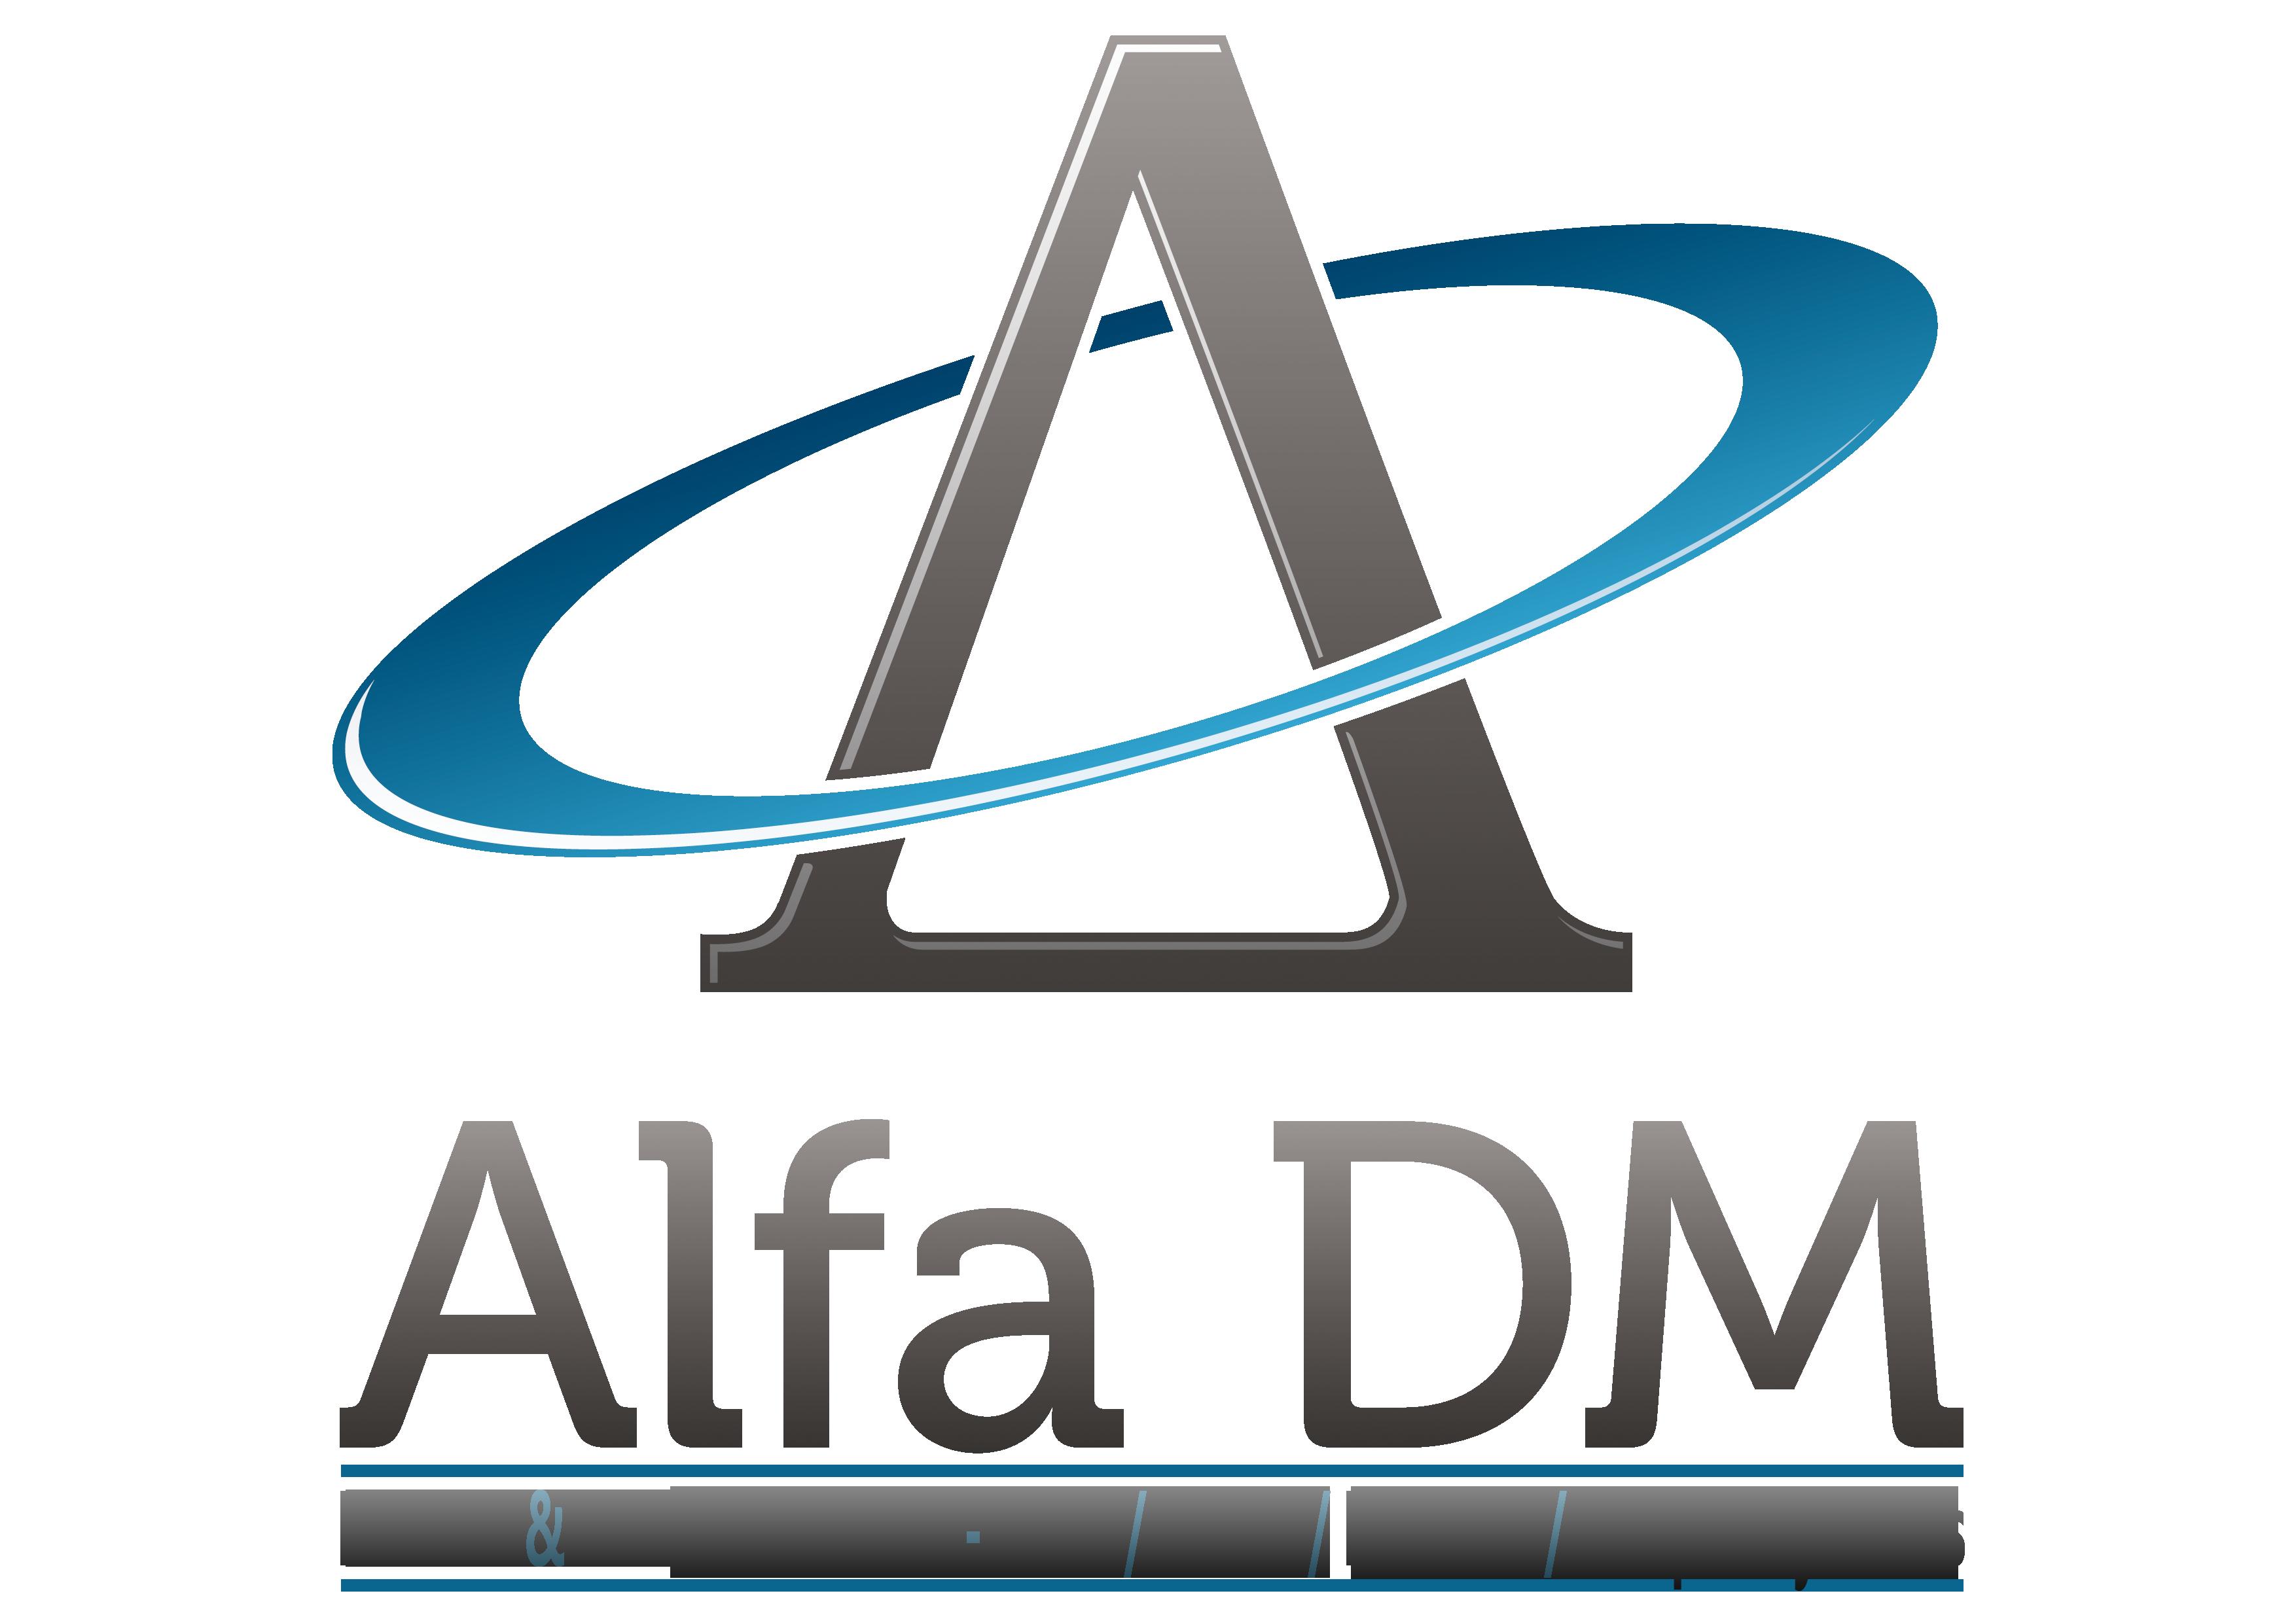 Alfa DM